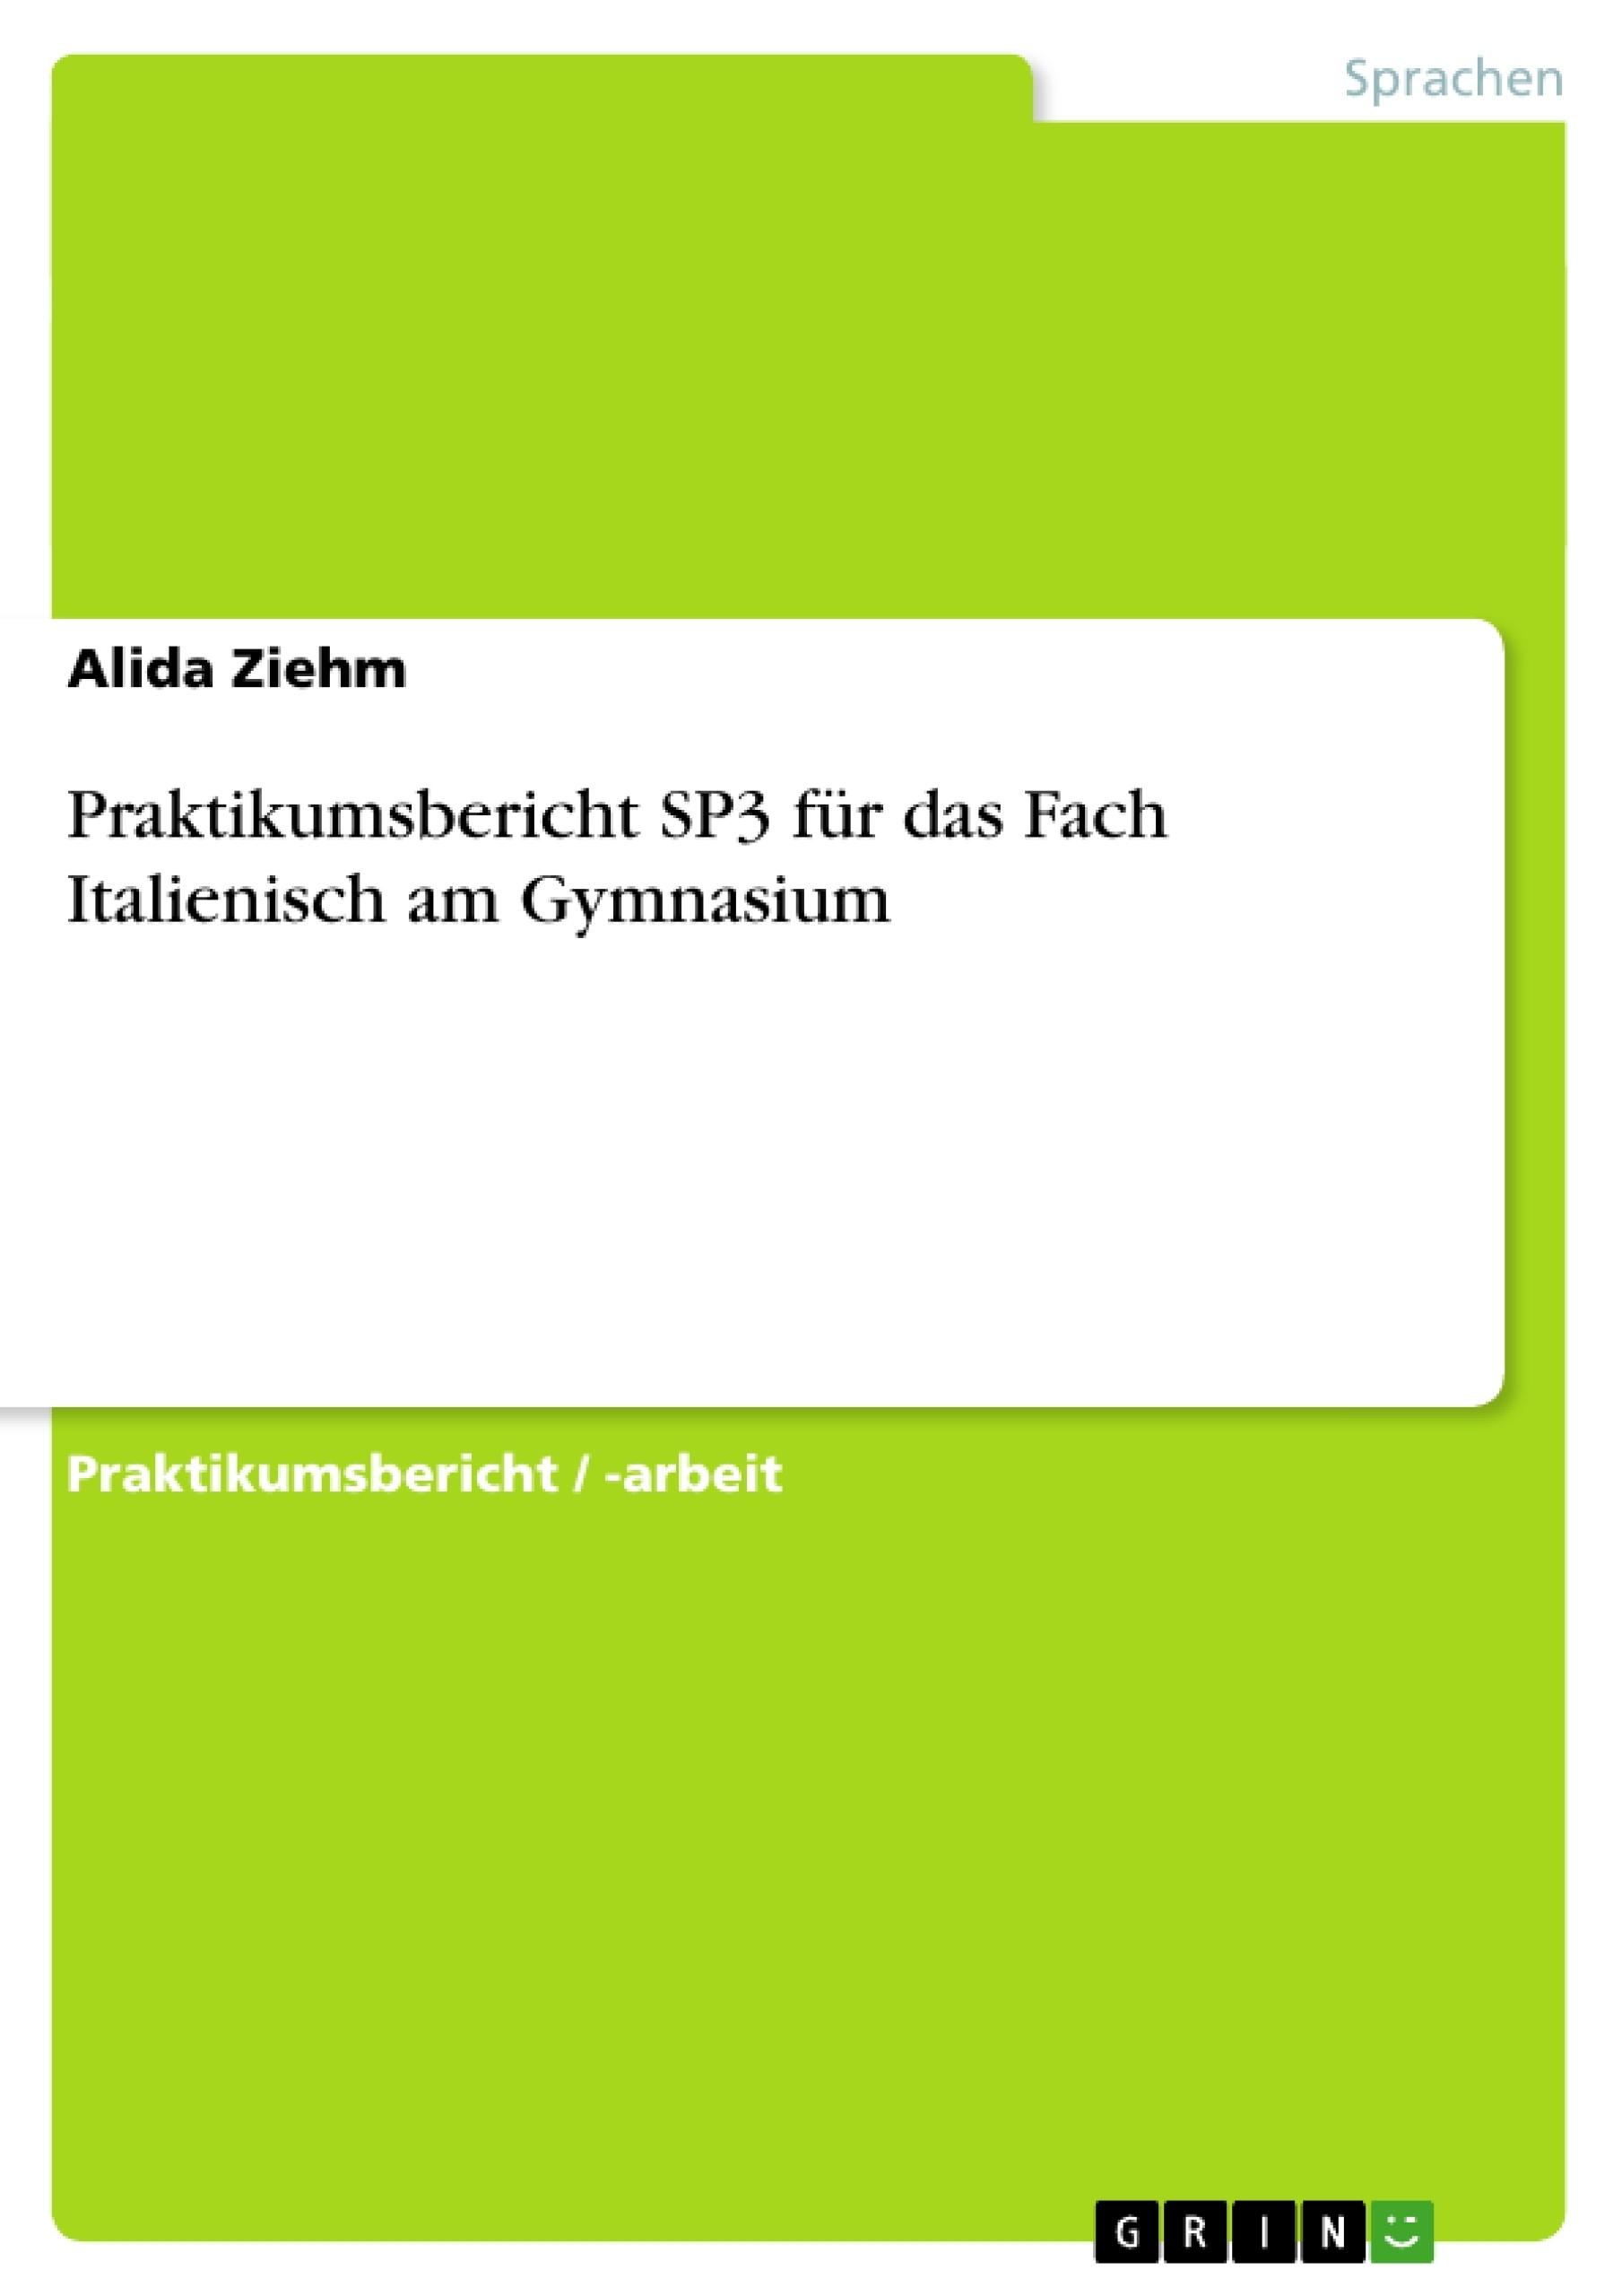 Titel: Praktikumsbericht SP3 für das Fach Italienisch am Gymnasium